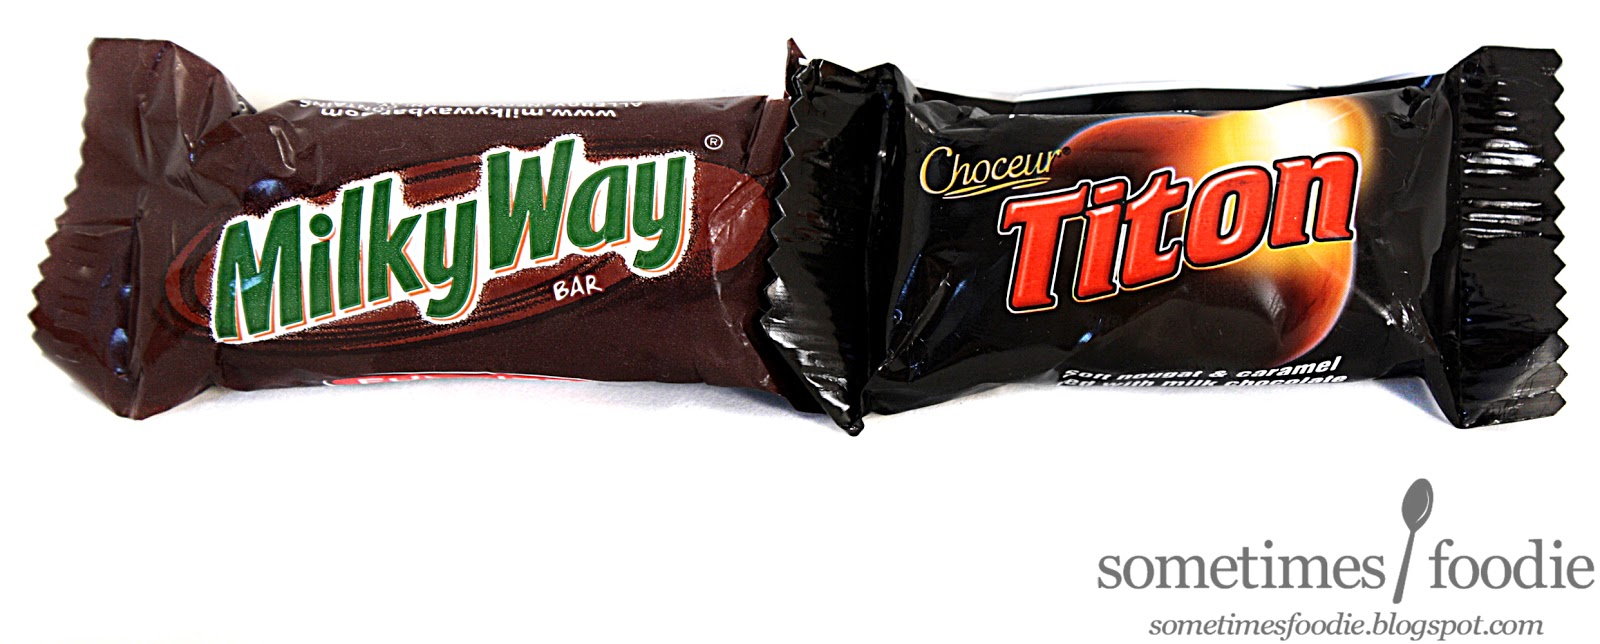 Sometimes Foodie: Brand Name vs. Knock Off - Aldi's Titon vs ...